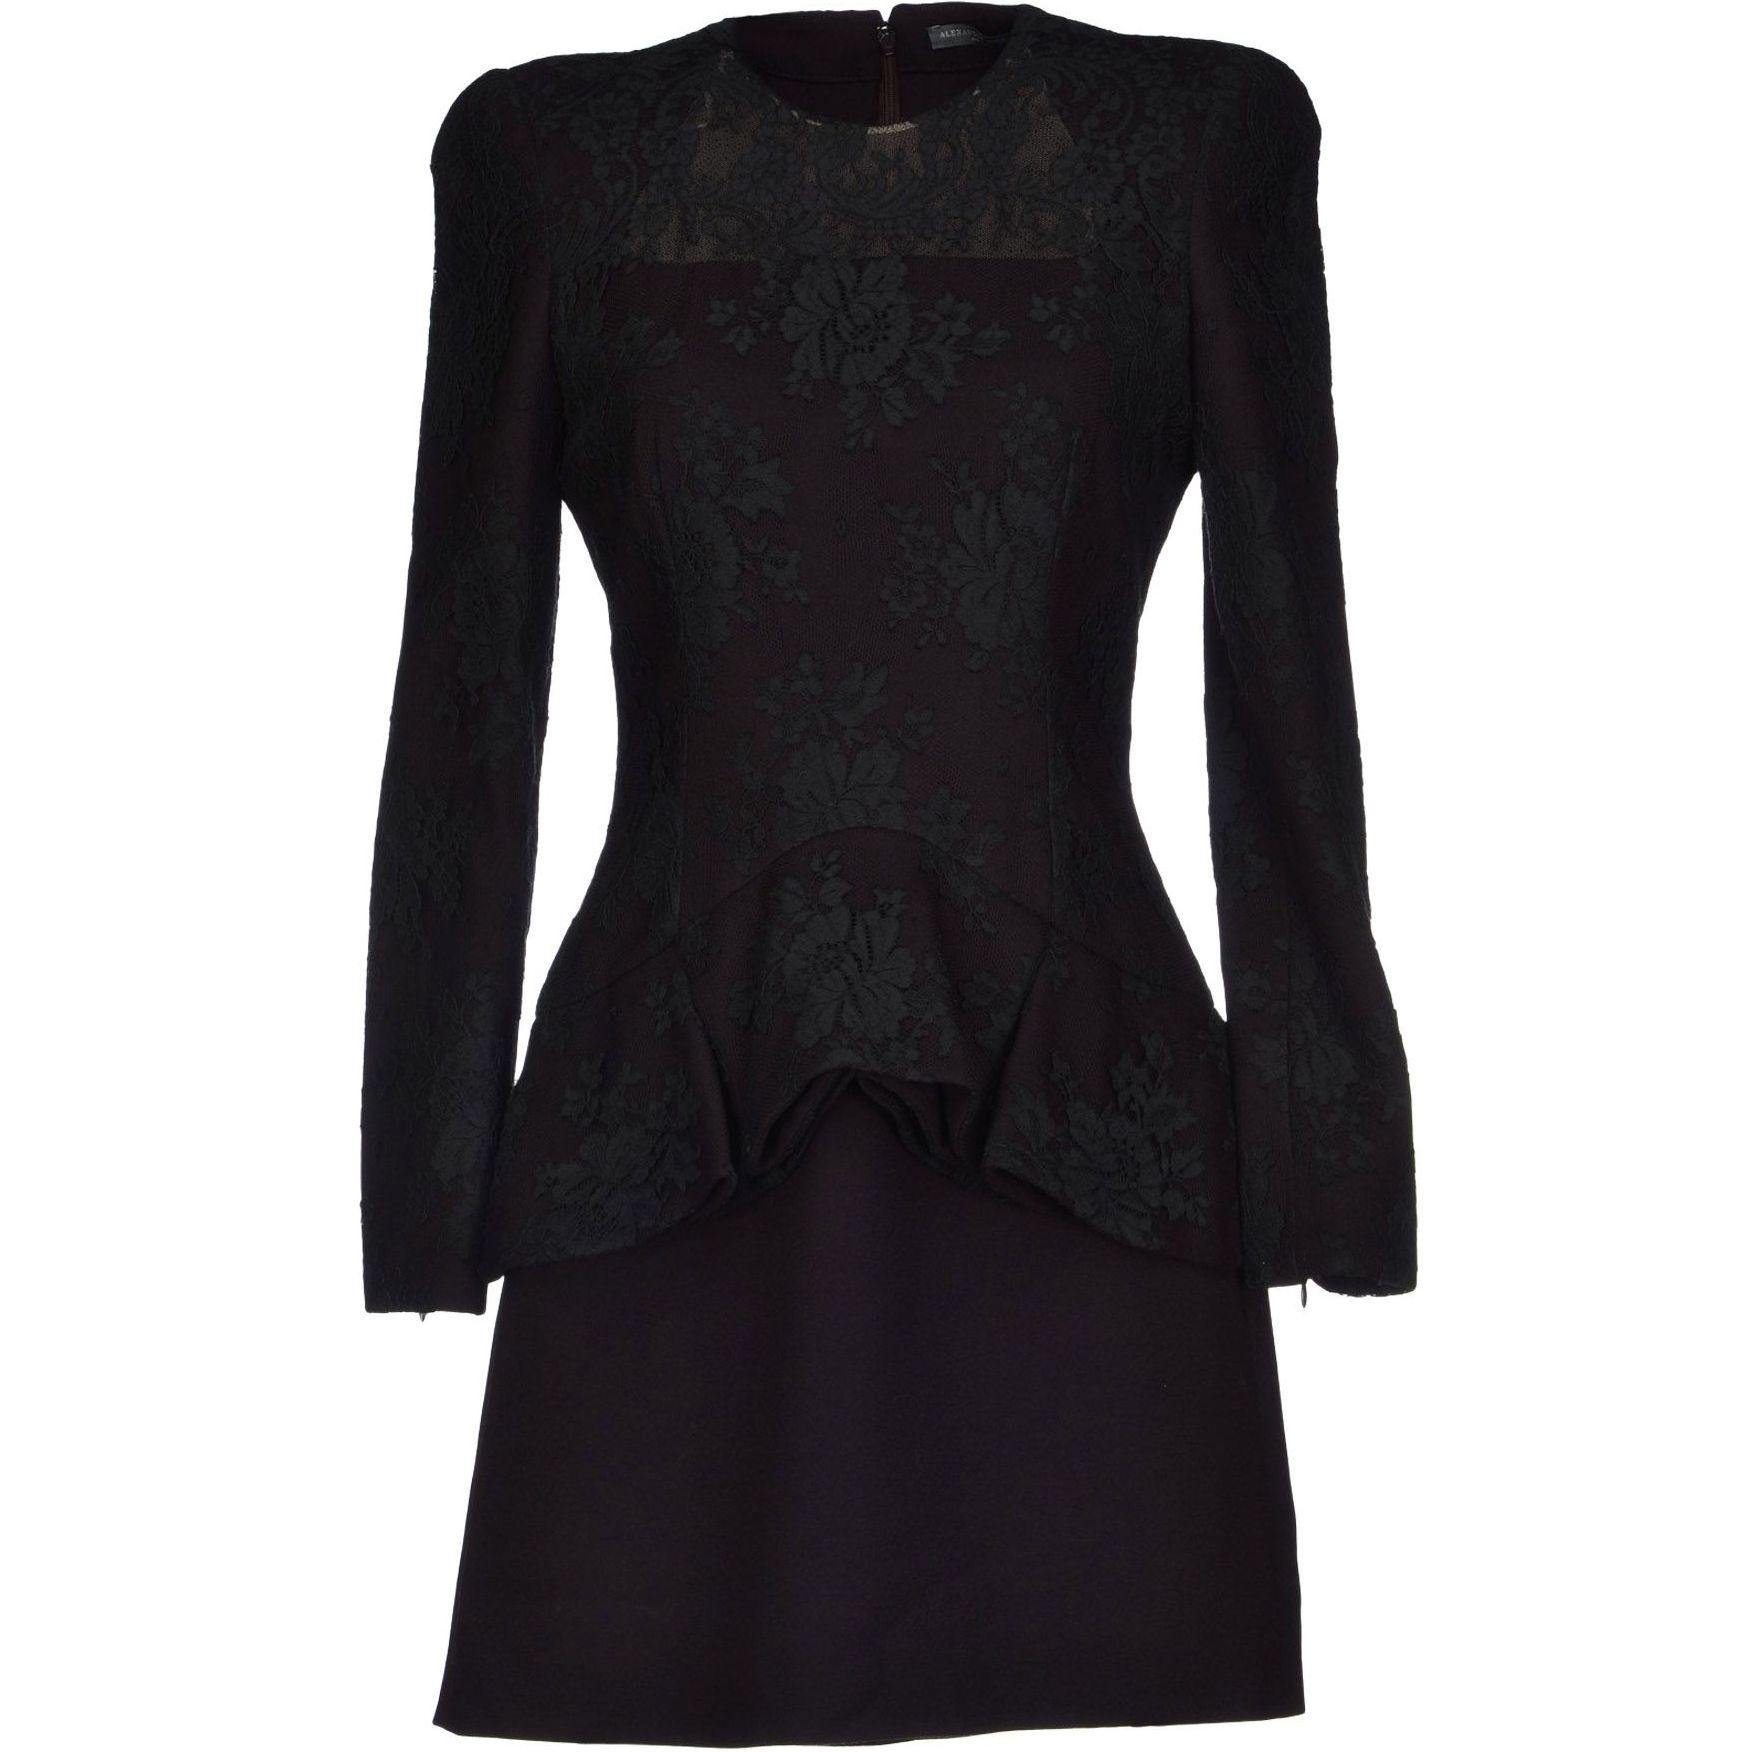 ALEXANDER McQUEEN Dark purple power shoulder and peplum mini-skirt dress | Brand dress rental salon''SHIROTA''